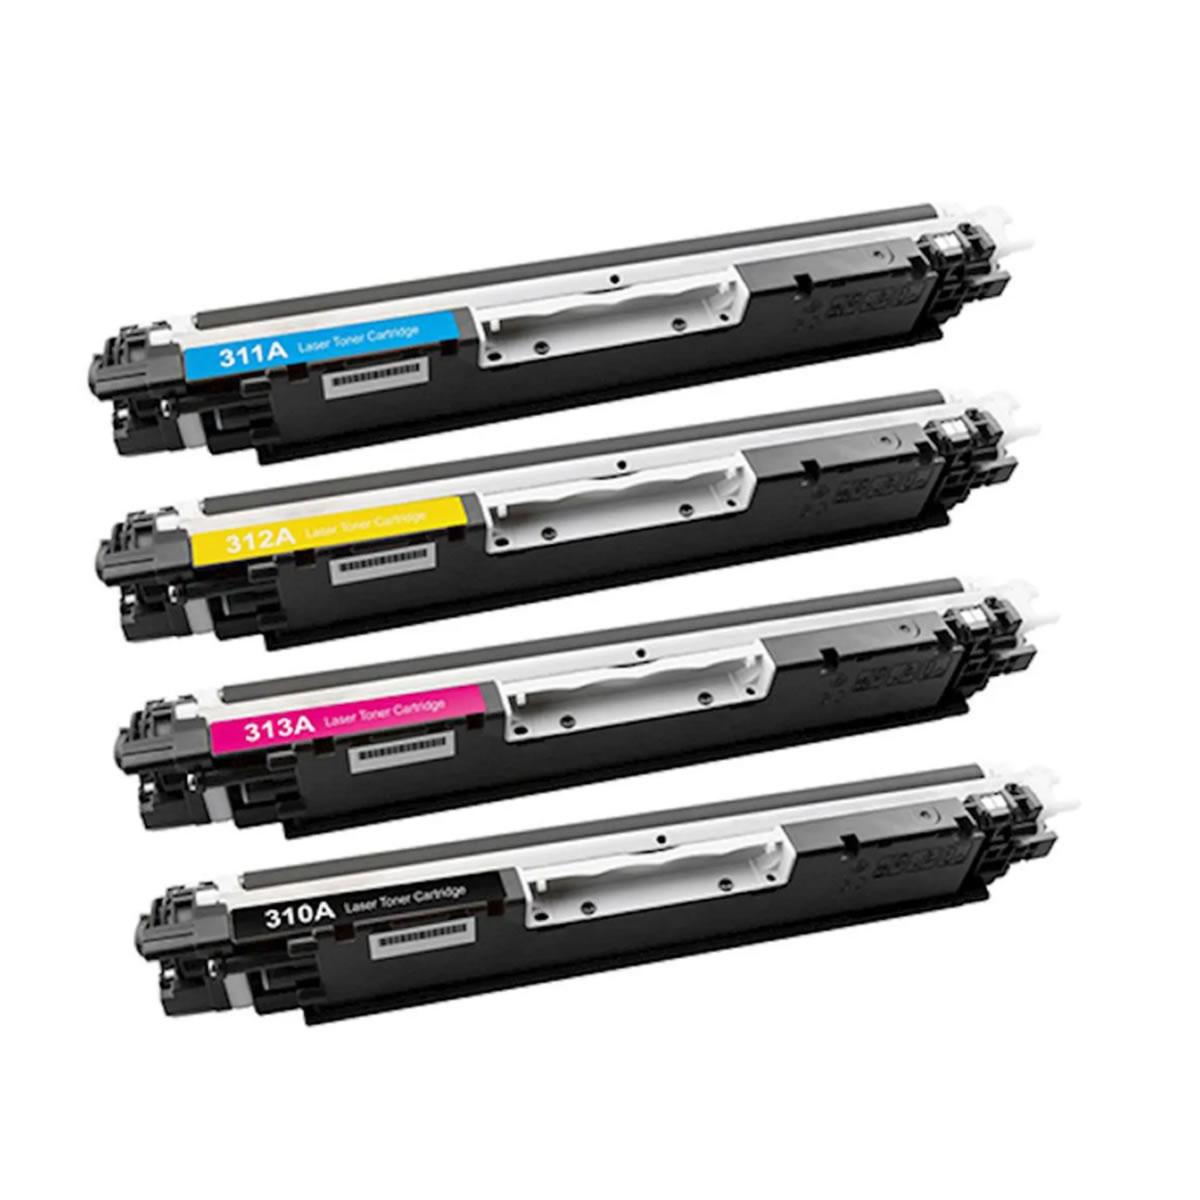 Kit 4 Toner 126a CE 310 311 312 313 Chinamate Compatível com impressoras Laser Jet Cp1025 M175 Ce310 da HP